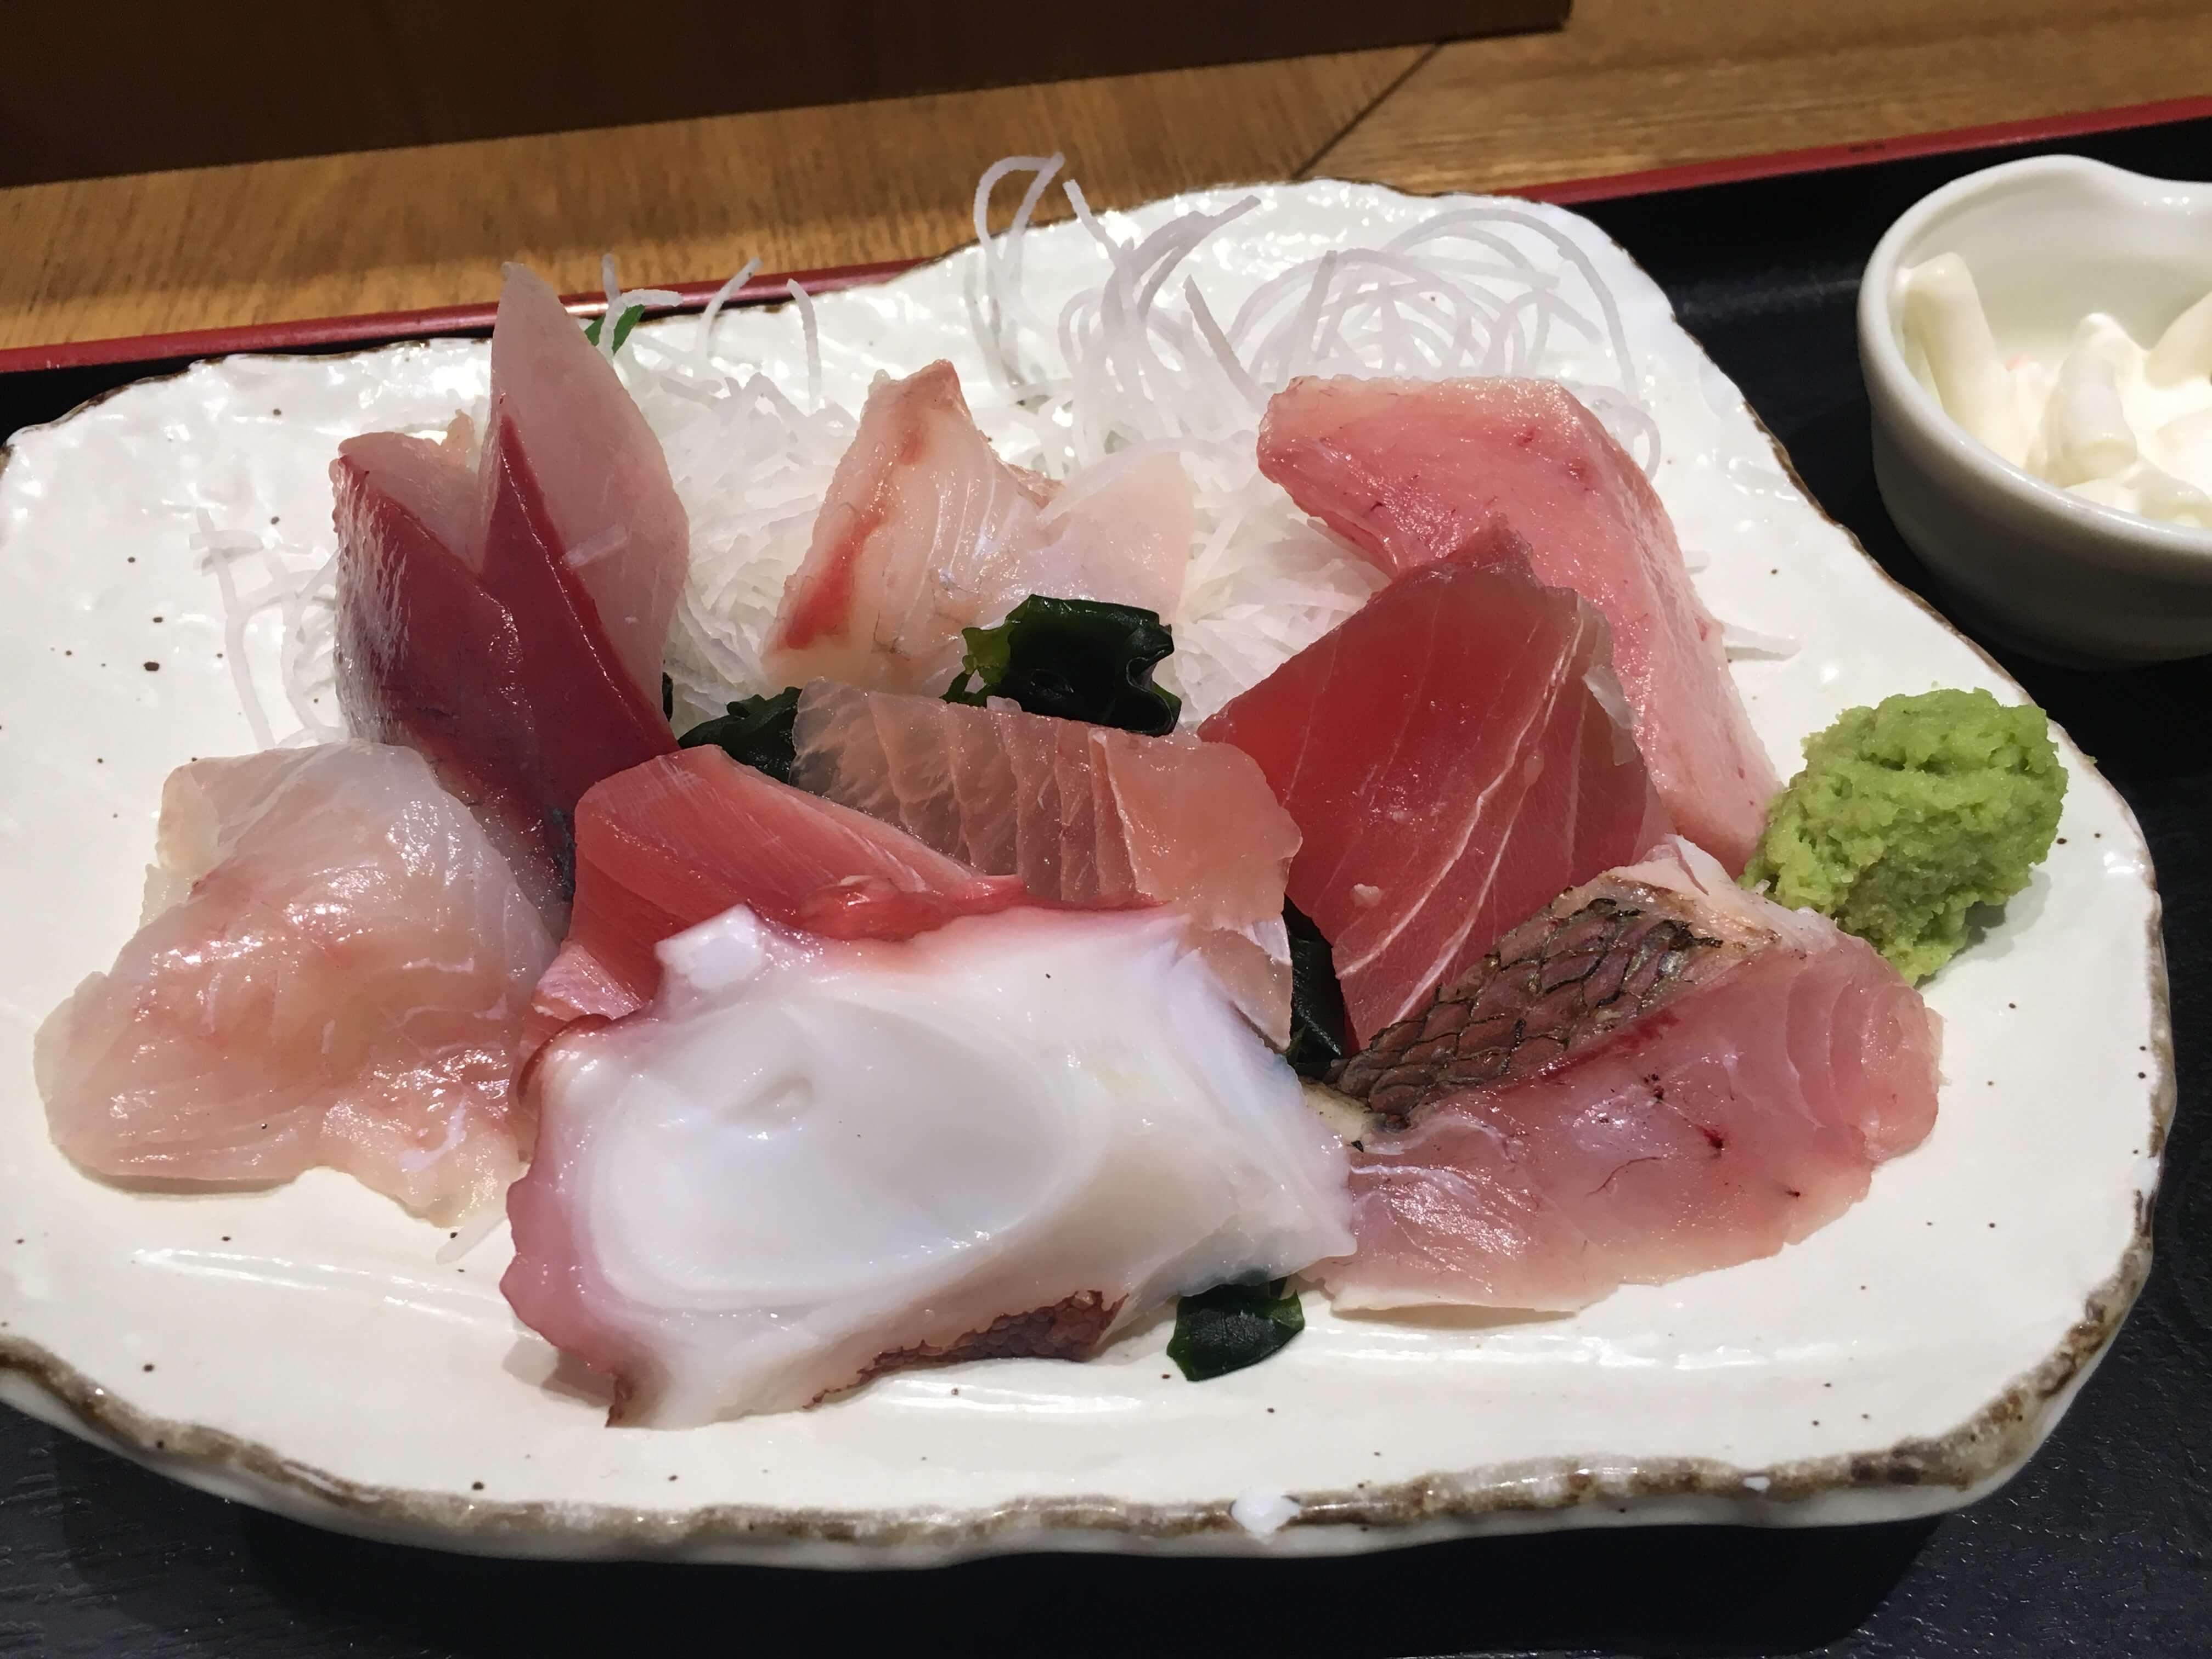 「 魚菜屋 」でお魚づくし定食ランチ ー刺身編ー